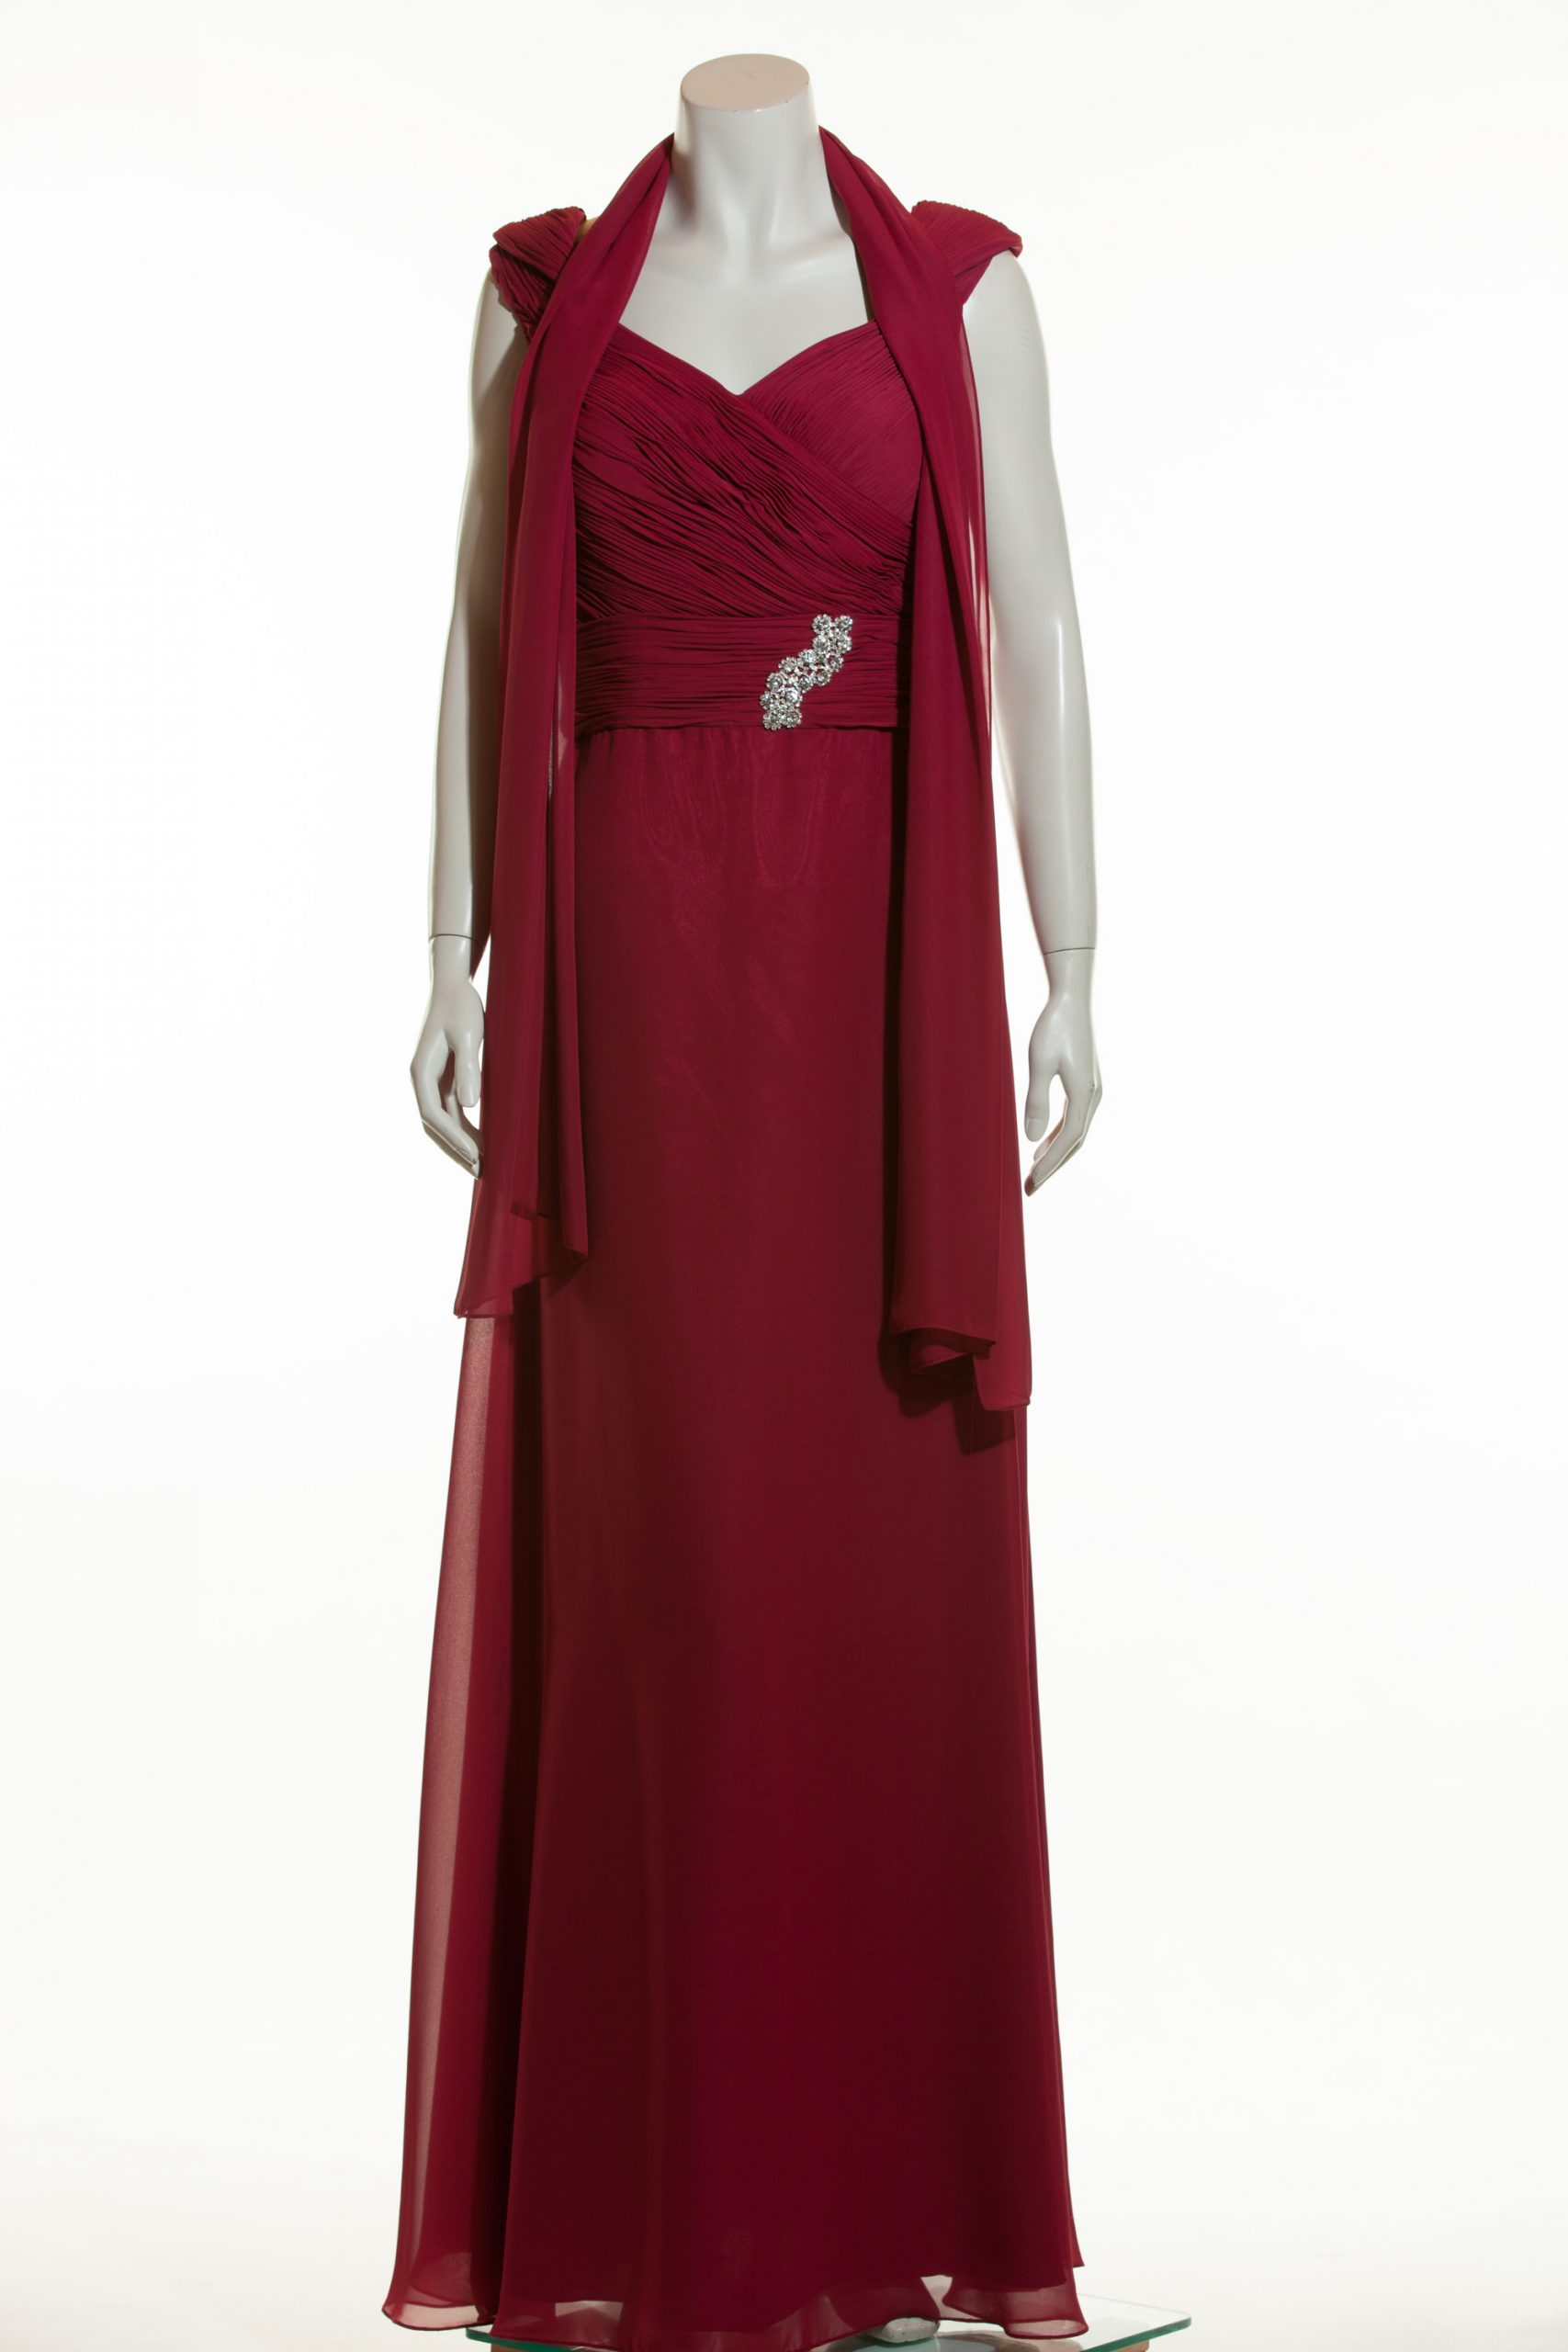 Großartig Stola Für Abendkleid Vertrieb17 Genial Stola Für Abendkleid Design